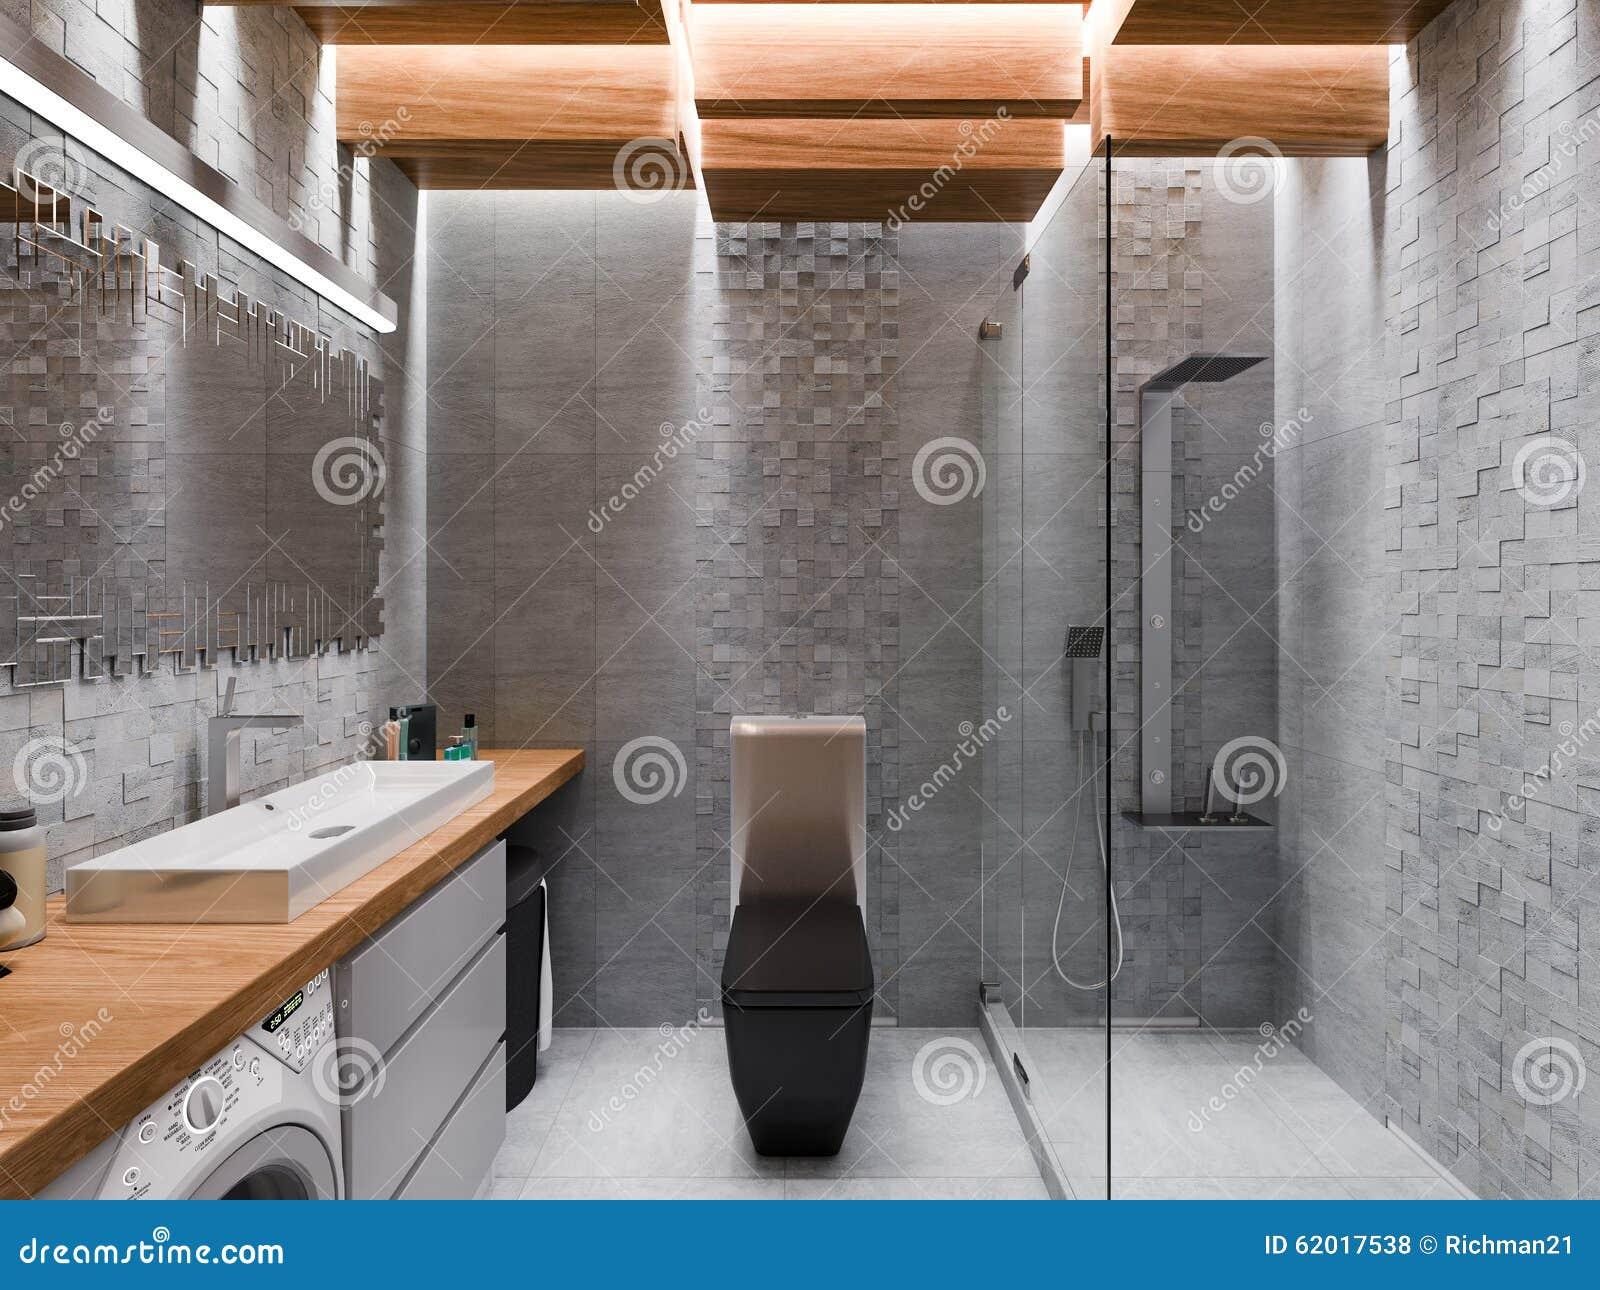 visualisation 3d d 39 une salle de bains dans une pierre grise et une mosa que illustration stock. Black Bedroom Furniture Sets. Home Design Ideas